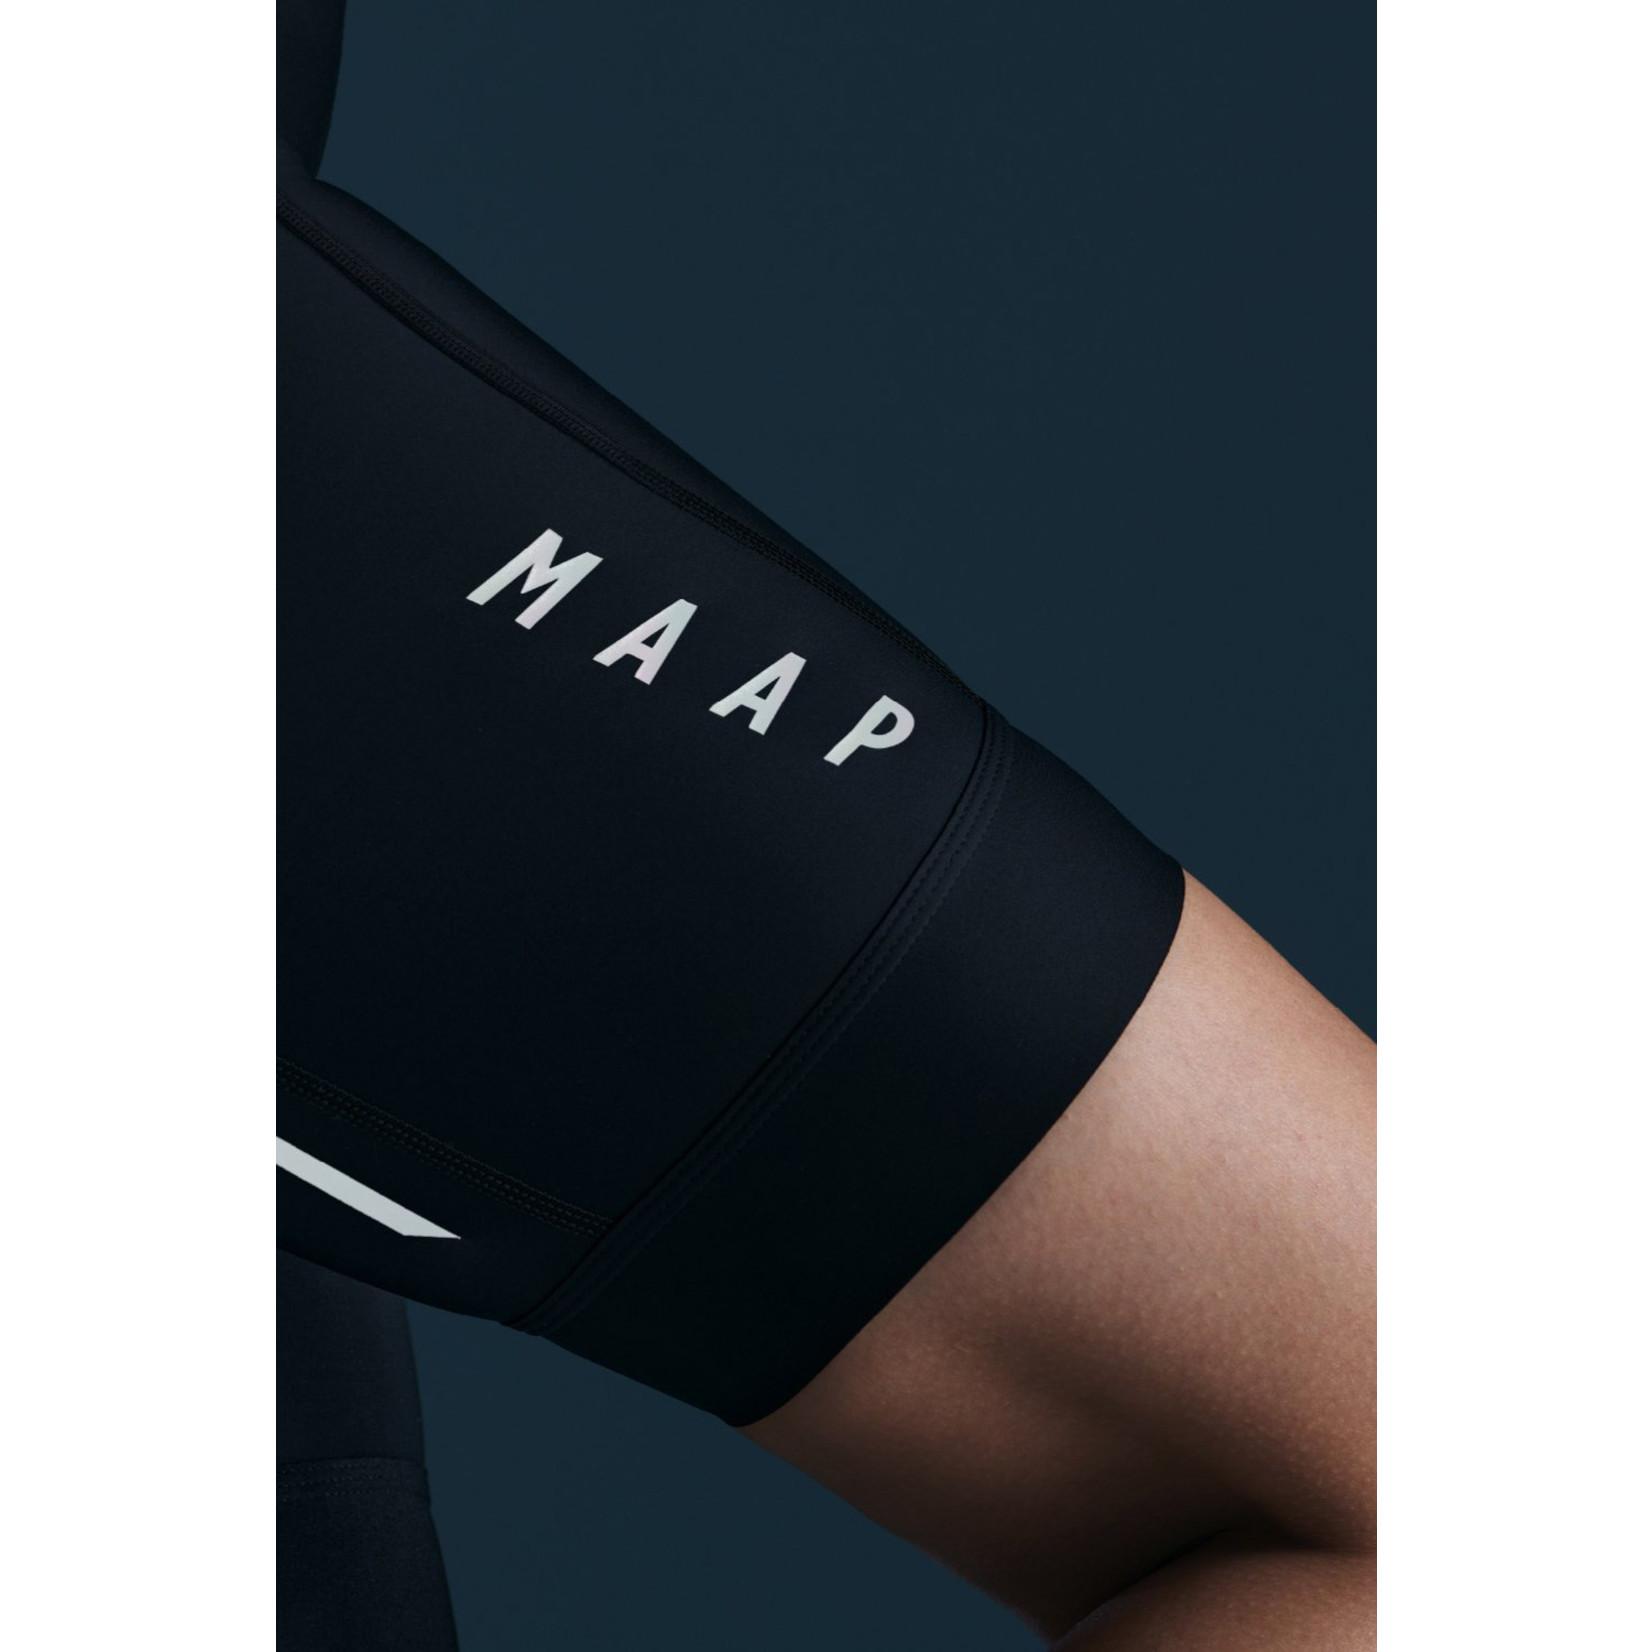 Maap MAAP Women Team Bib Evo - Black / White